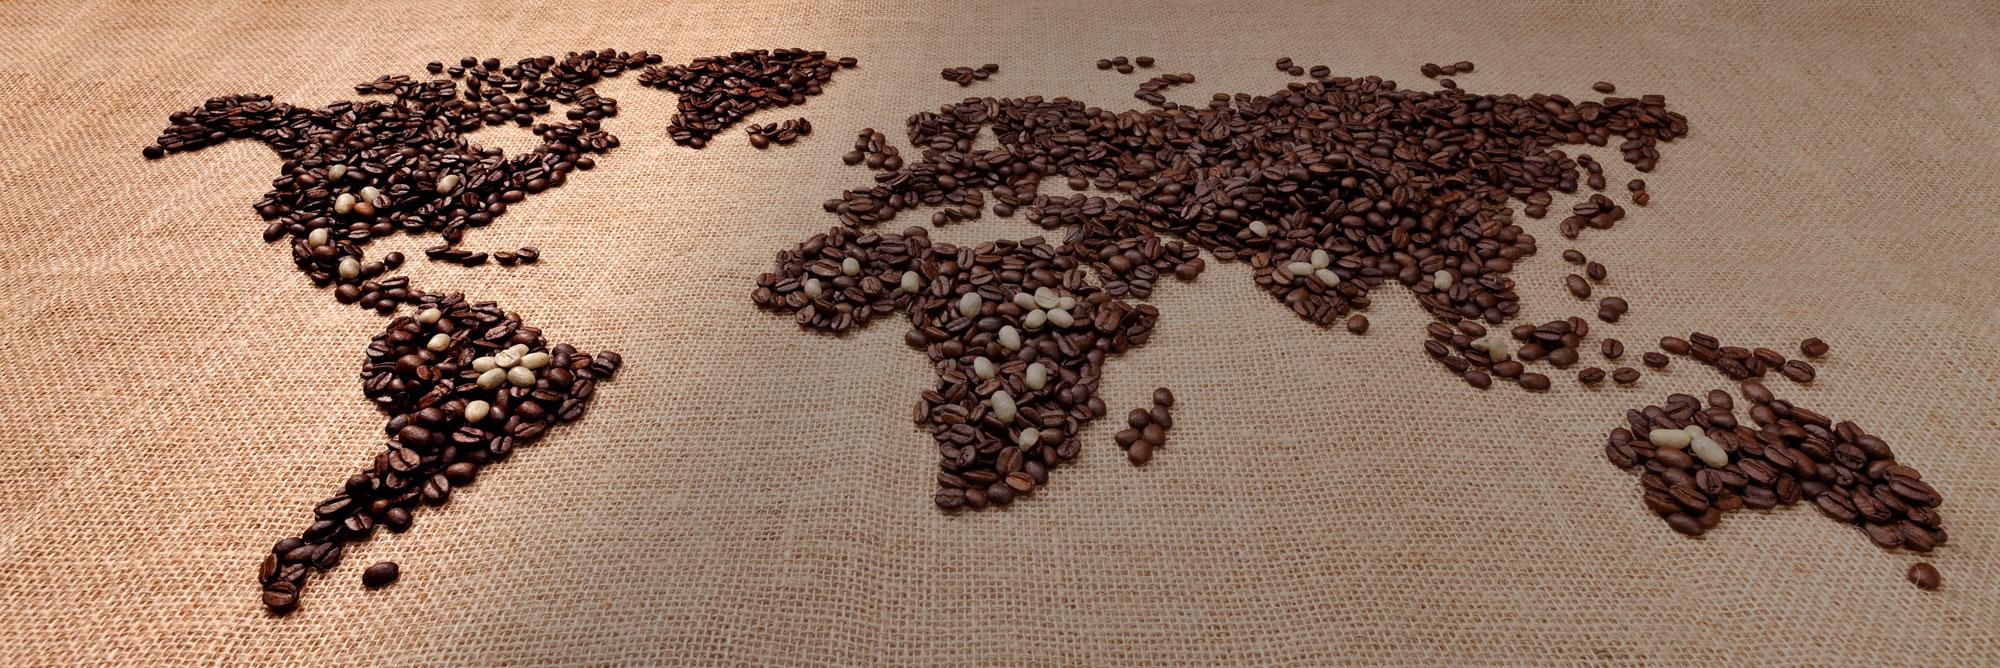 Vendita online capsule caffè compatibili, caffè macinato e in grandi da torrefazione artigianale - Coff-e